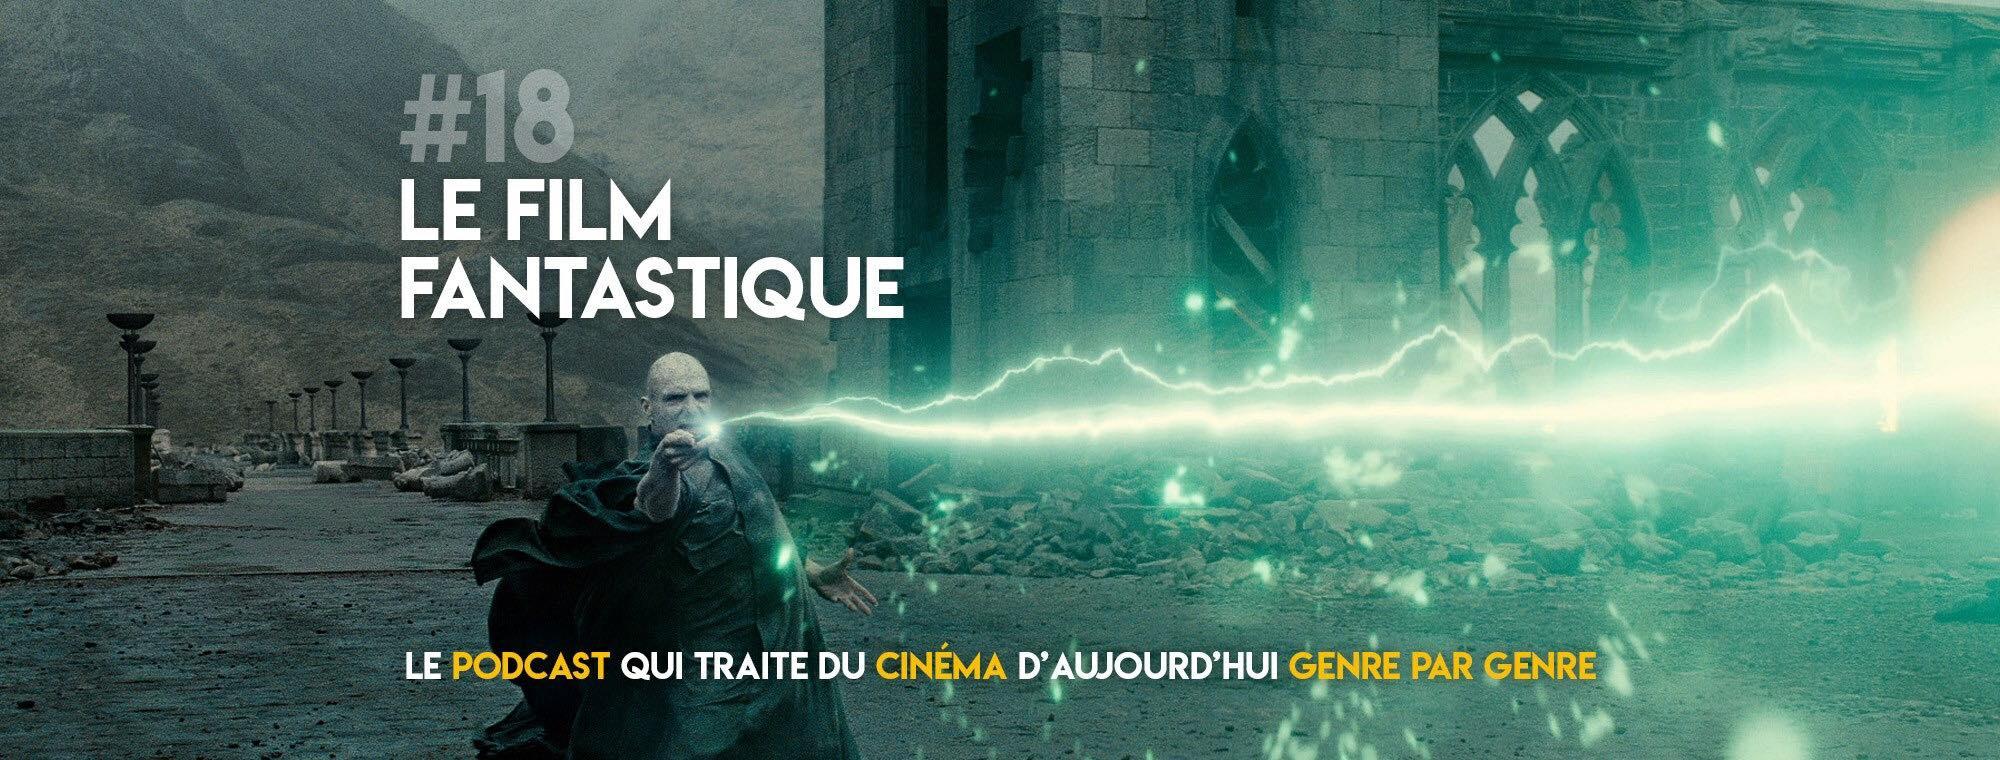 Parlons Péloches - #18 Le film fantastique